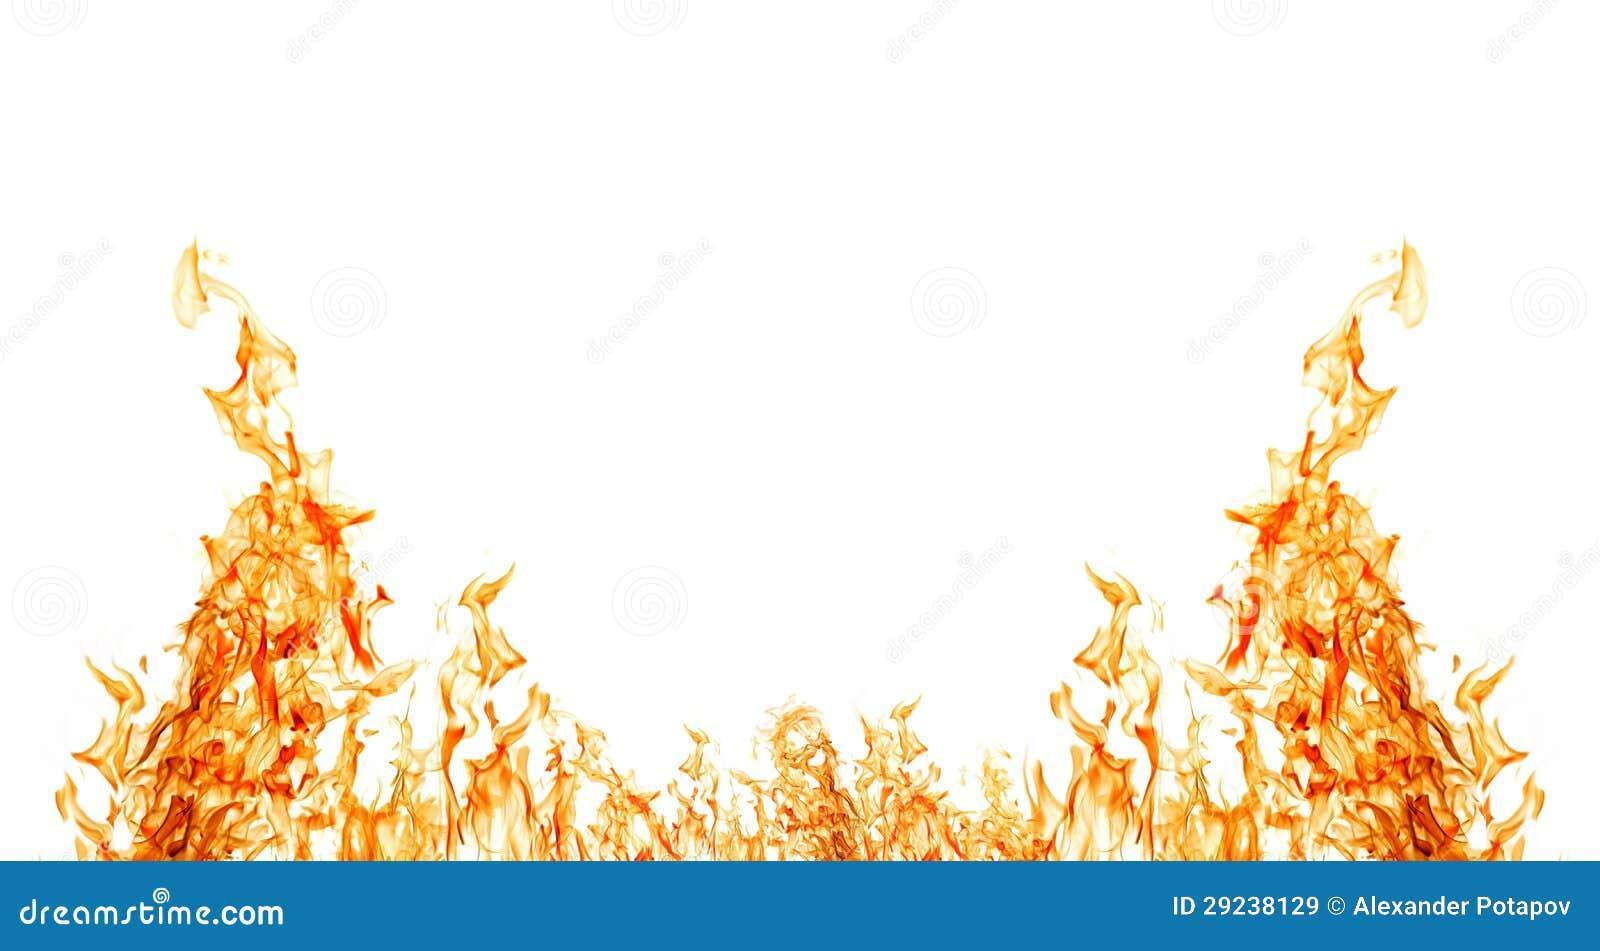 Download Isolado Na Metade Branca Do Quadro Alaranjado Do Incêndio Imagem de Stock - Imagem de bonfire, energia: 29238129